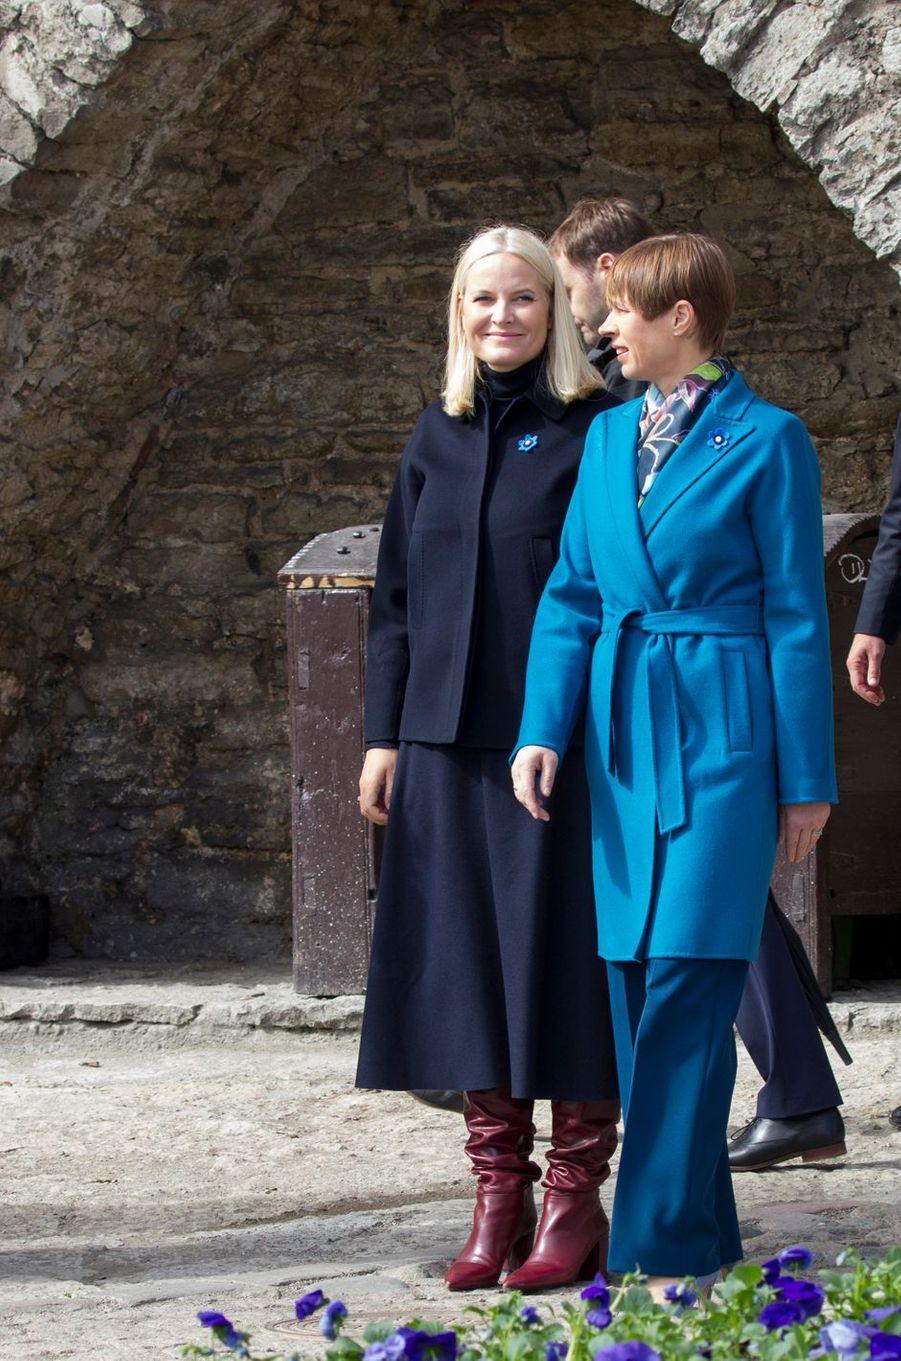 La princesse Mette-Marit de Norvège avec la présidente estonienne à Tallinn, le 26 avril 2018